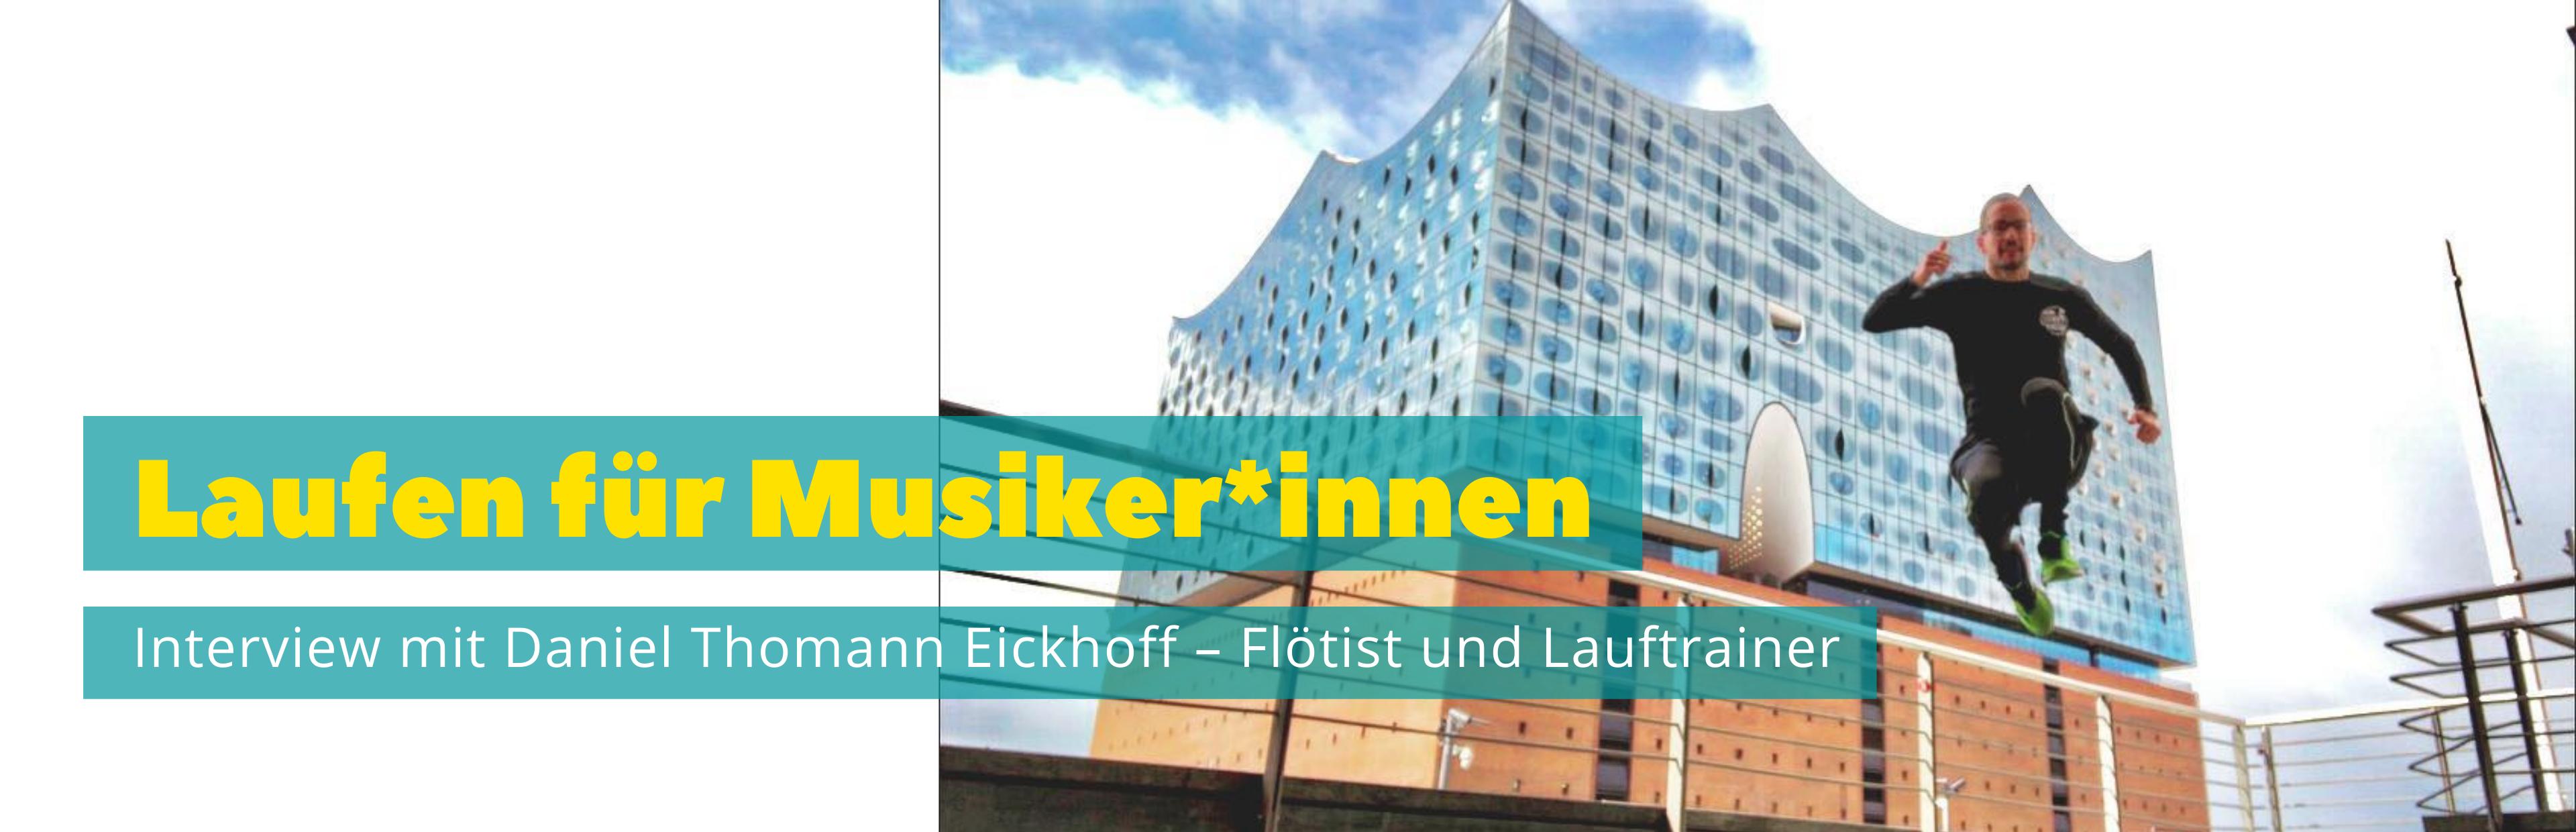 Laufen, Musiker, Flötist Daniel Tomann-Eickhoff